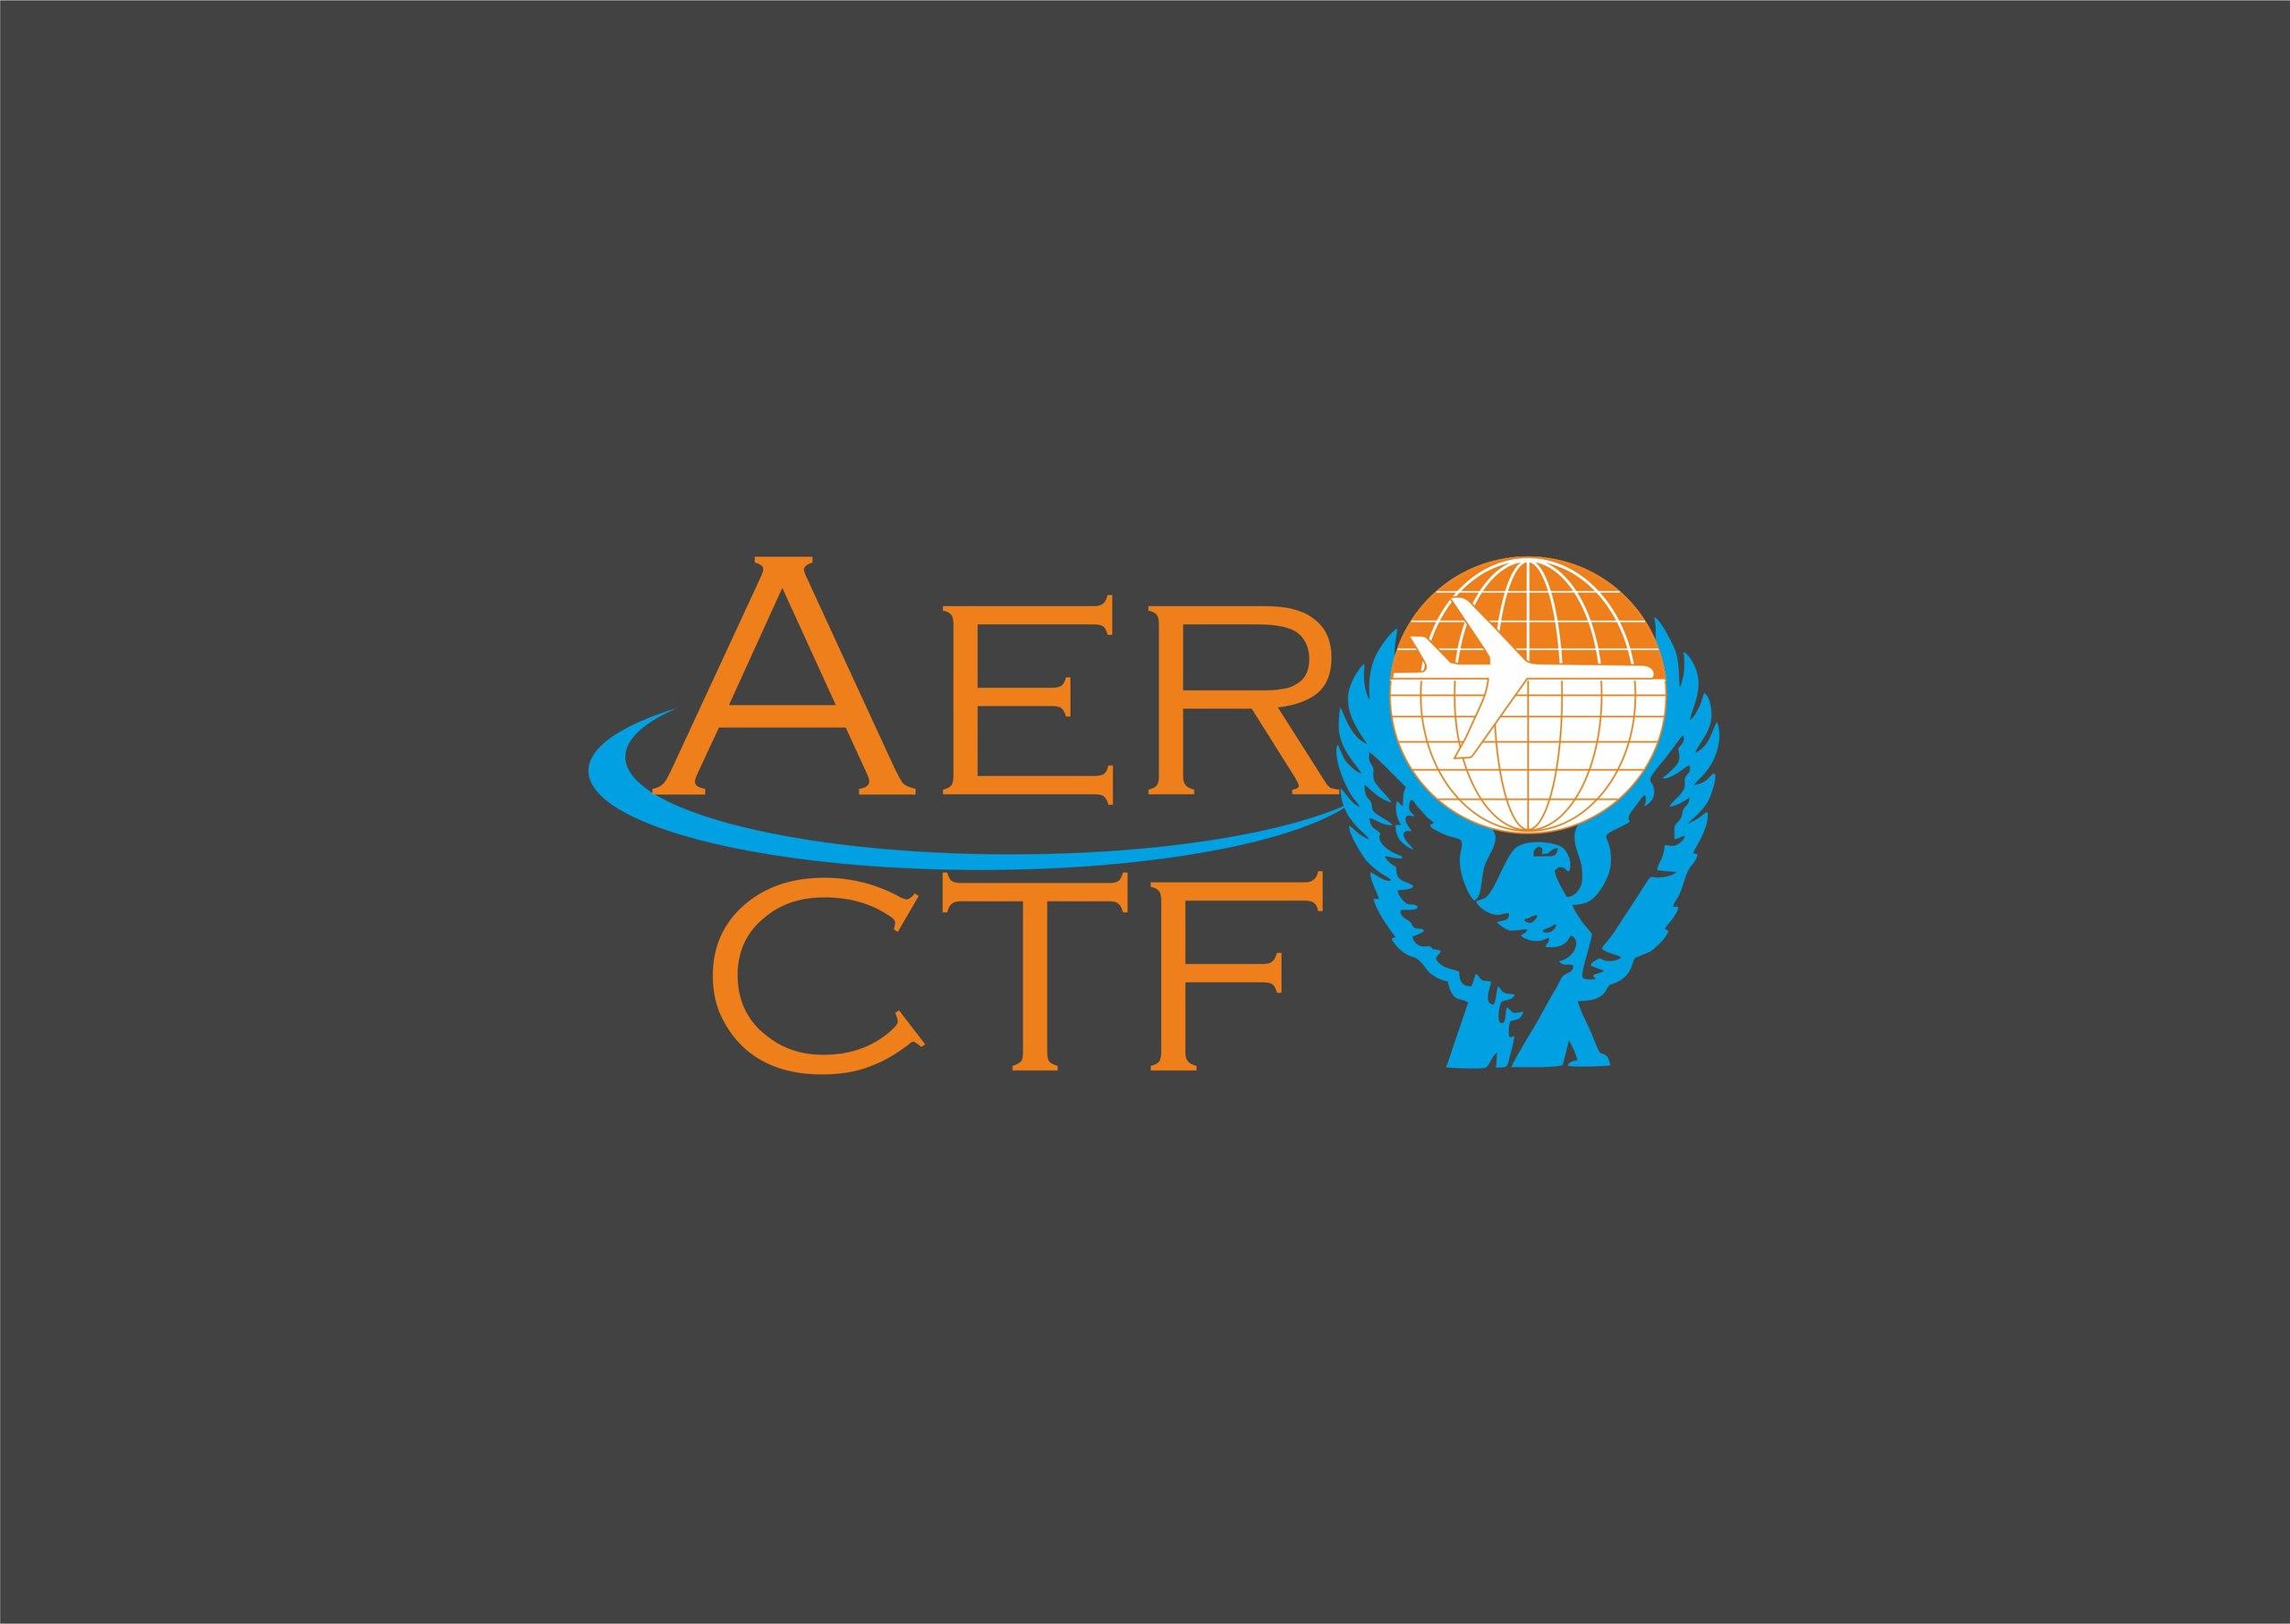 Aeroctf